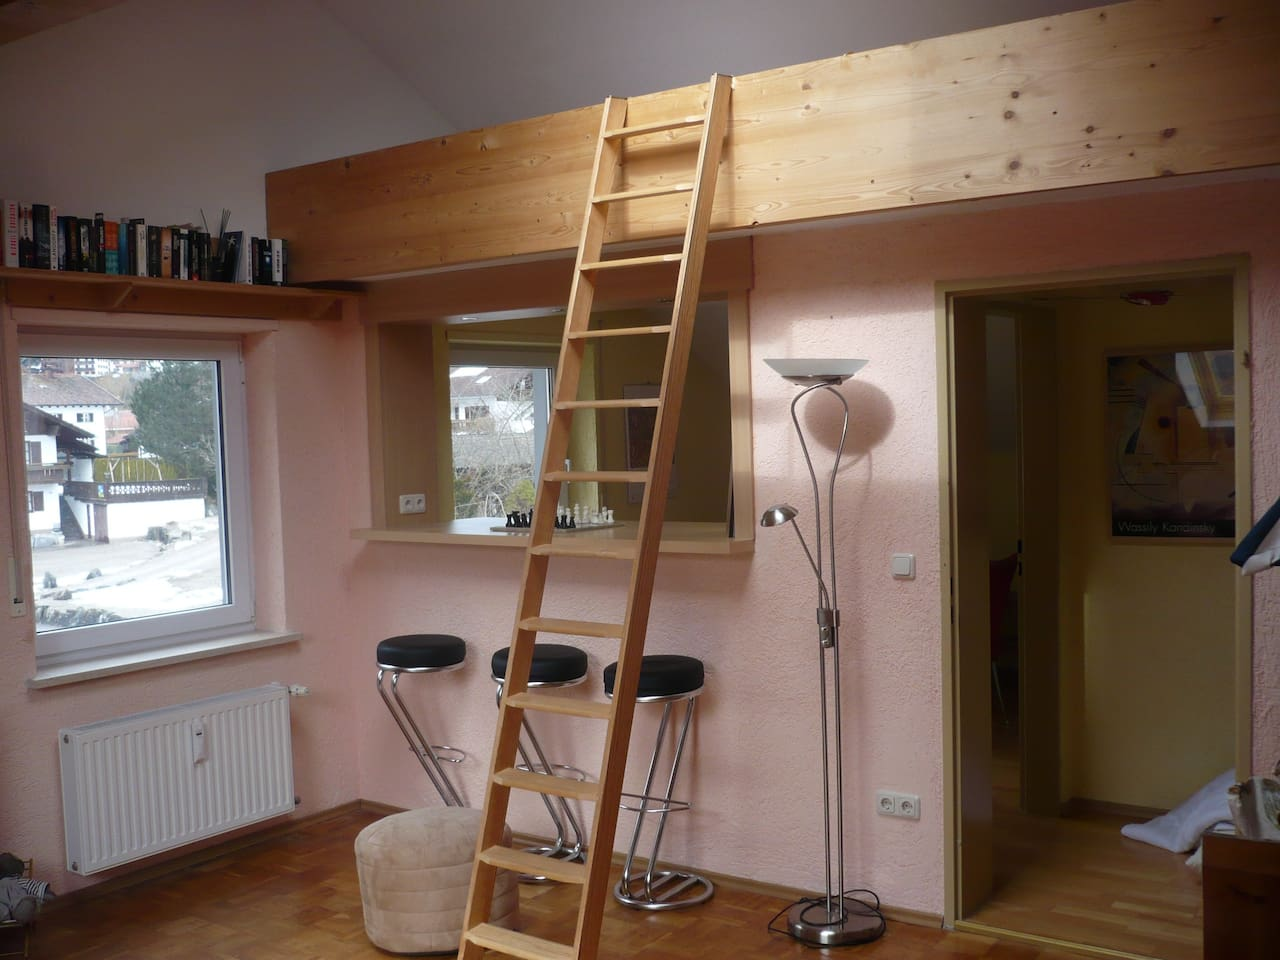 FEWO auf 1,5 Ebenen mit ausgebauten Dachspitz und Platz zum Schlafen (Matratzenlager)